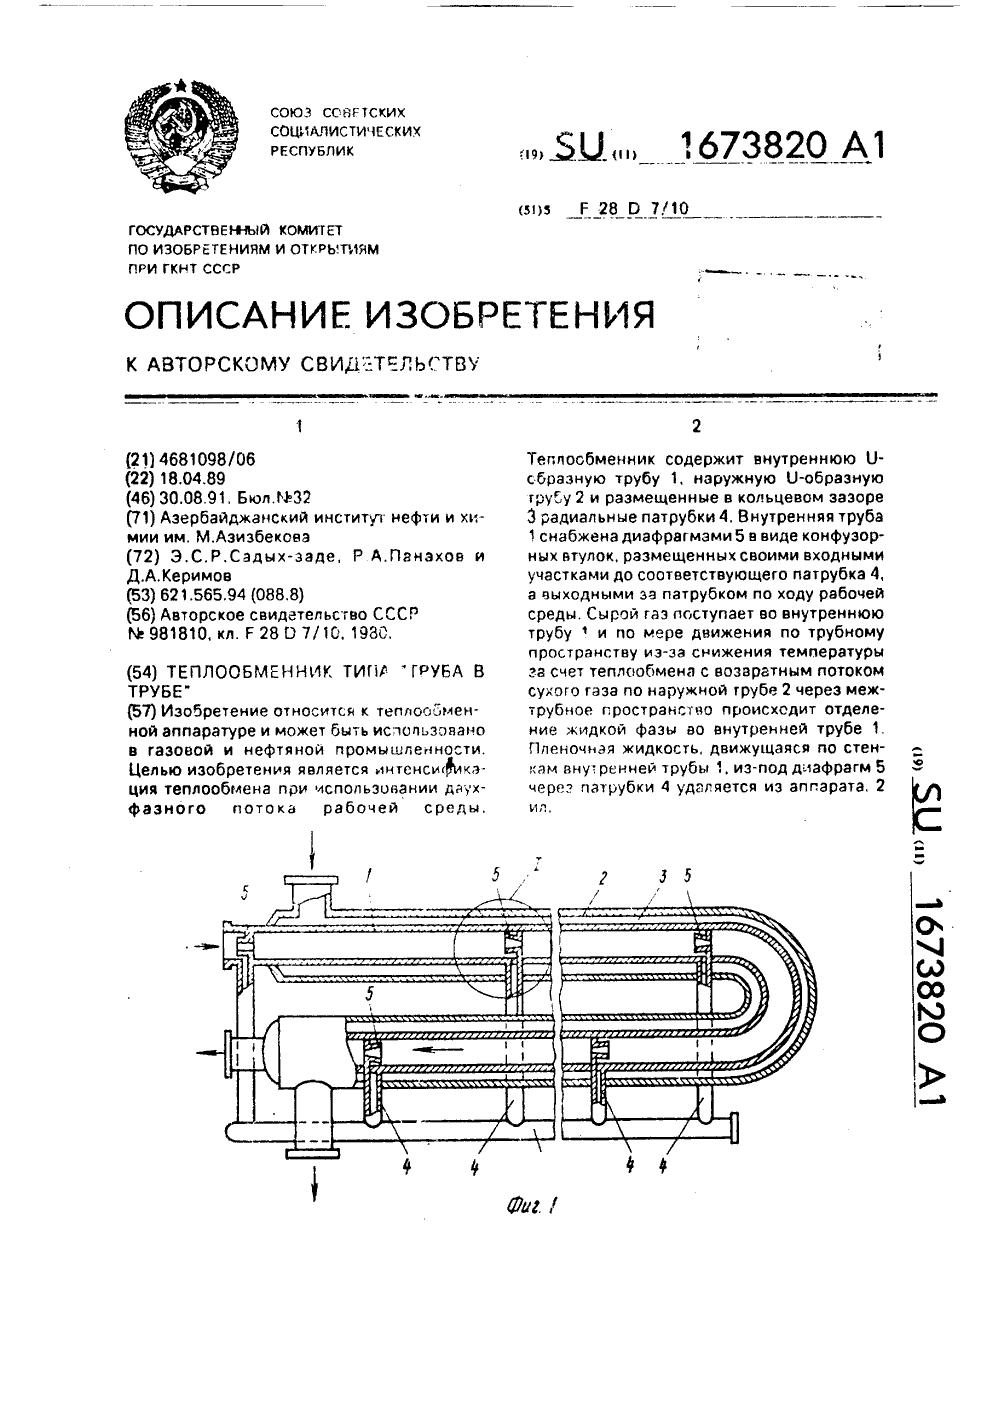 F теплообменник типа труба в трубе Уплотнения теплообменника Анвитэк ATX-90 Кострома